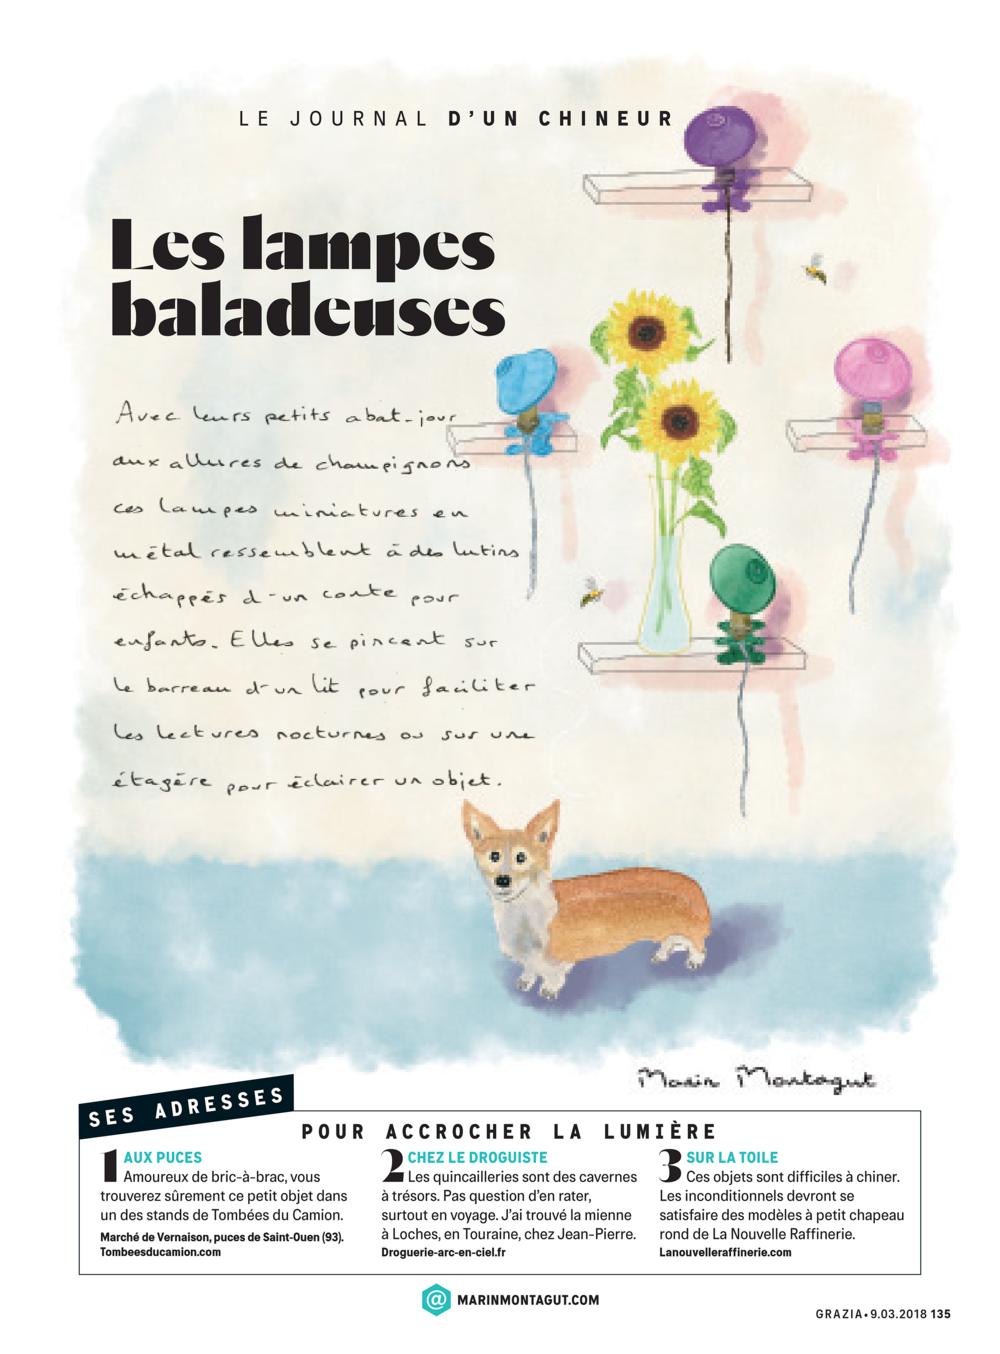 0437_09_03_Lampe baladeuse.png